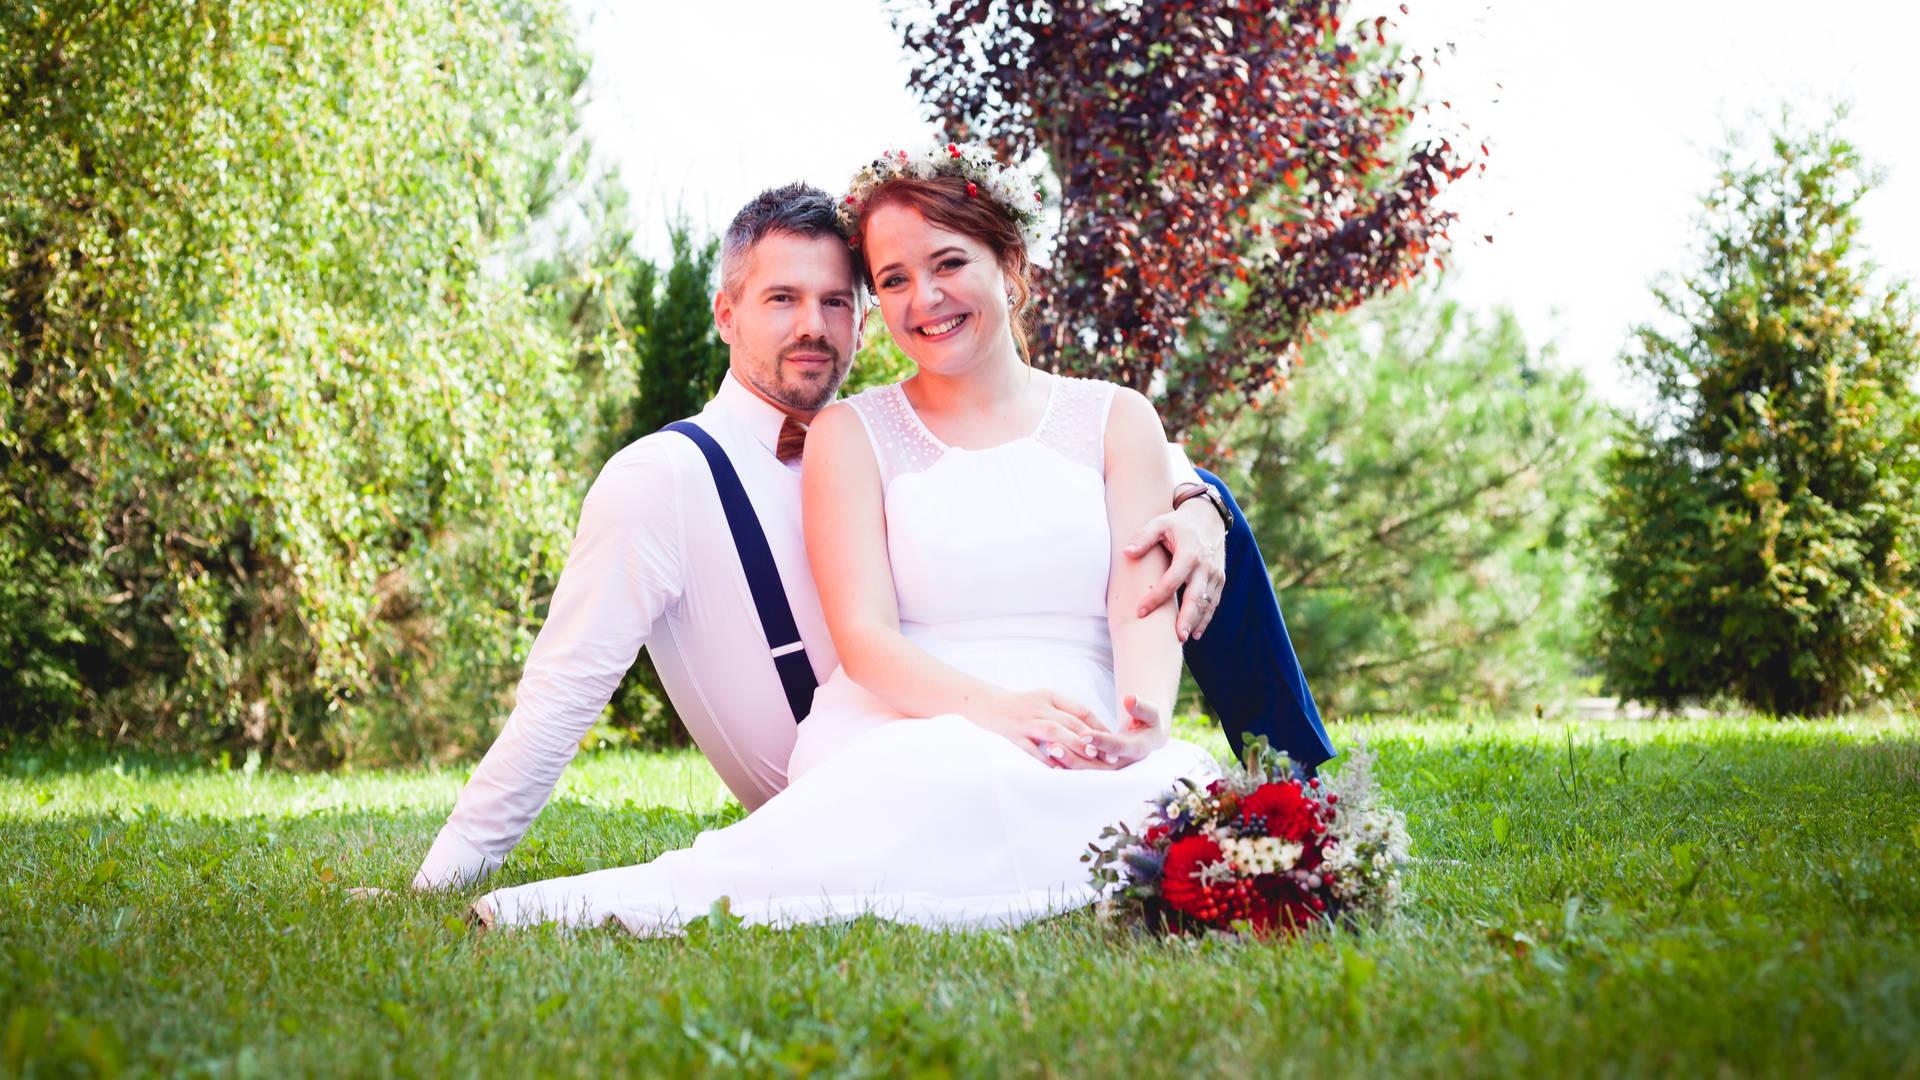 Svatební portrét, nevěsta a ženich sedí v trávě